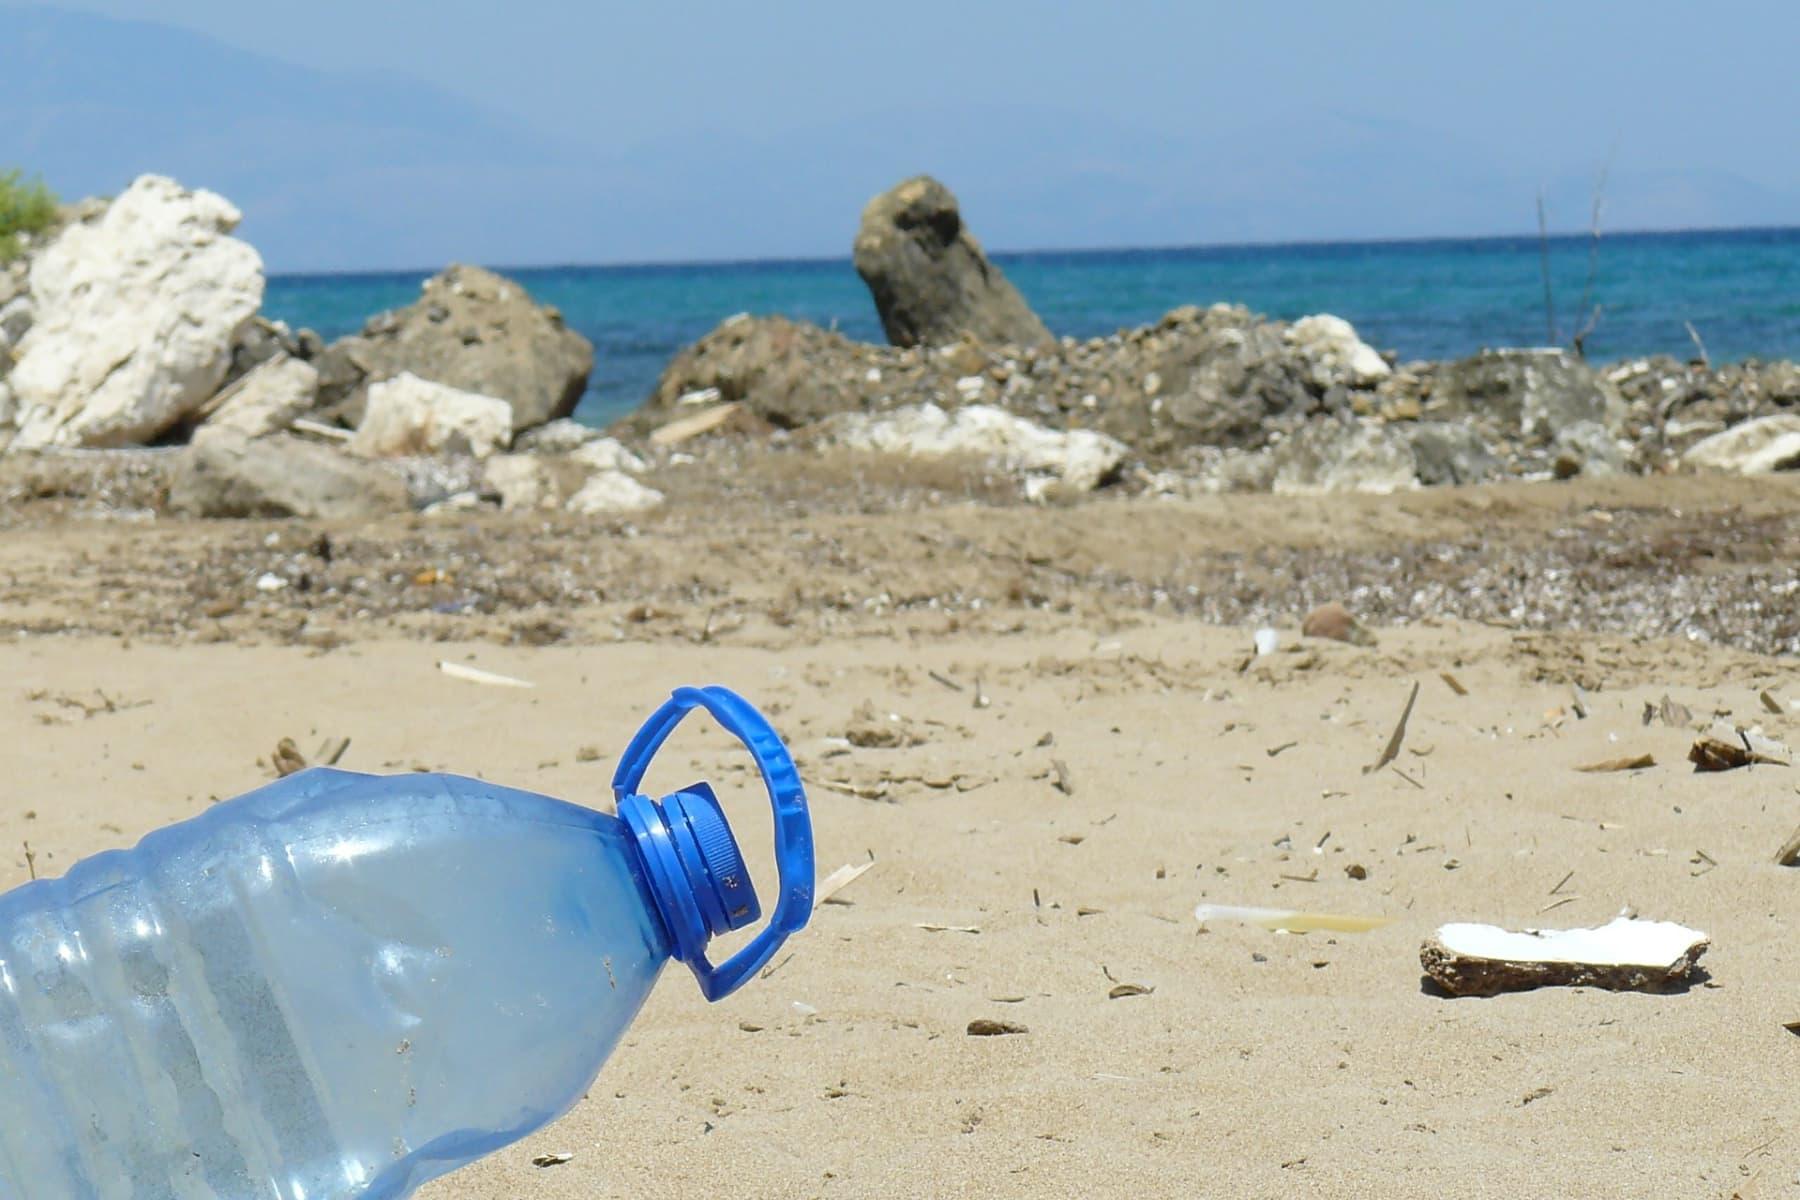 Naturbewusstseinsstudie: Deutsche wollen besseren Meeresschutz und keine Genpflanzen